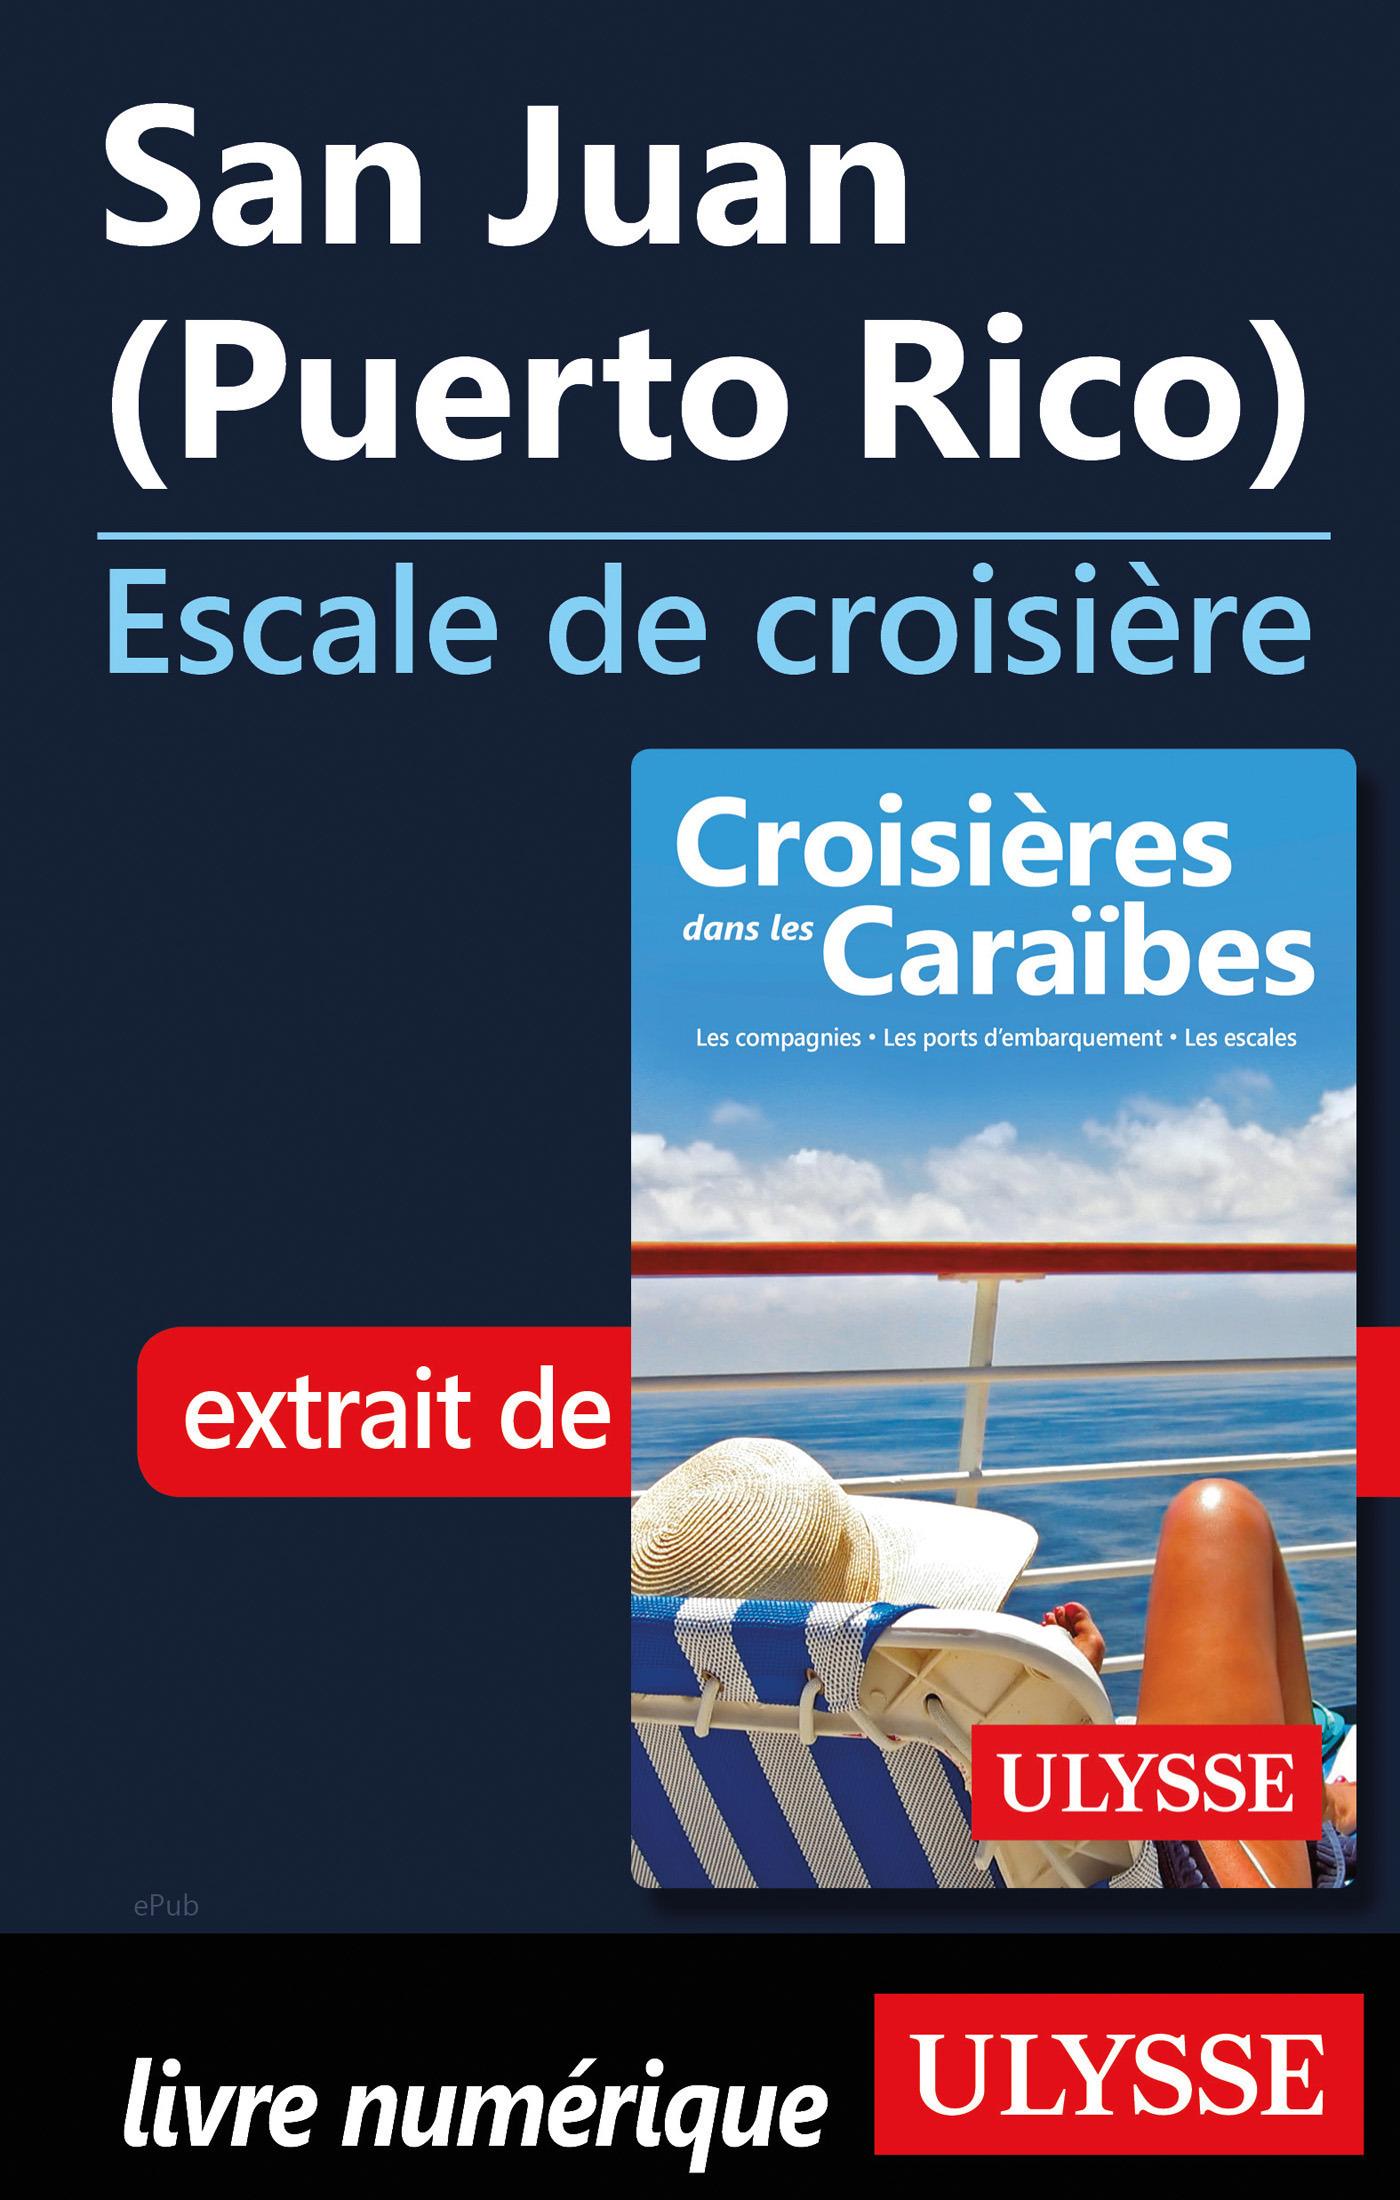 San Juan Puerto Rico - Escale de croisière